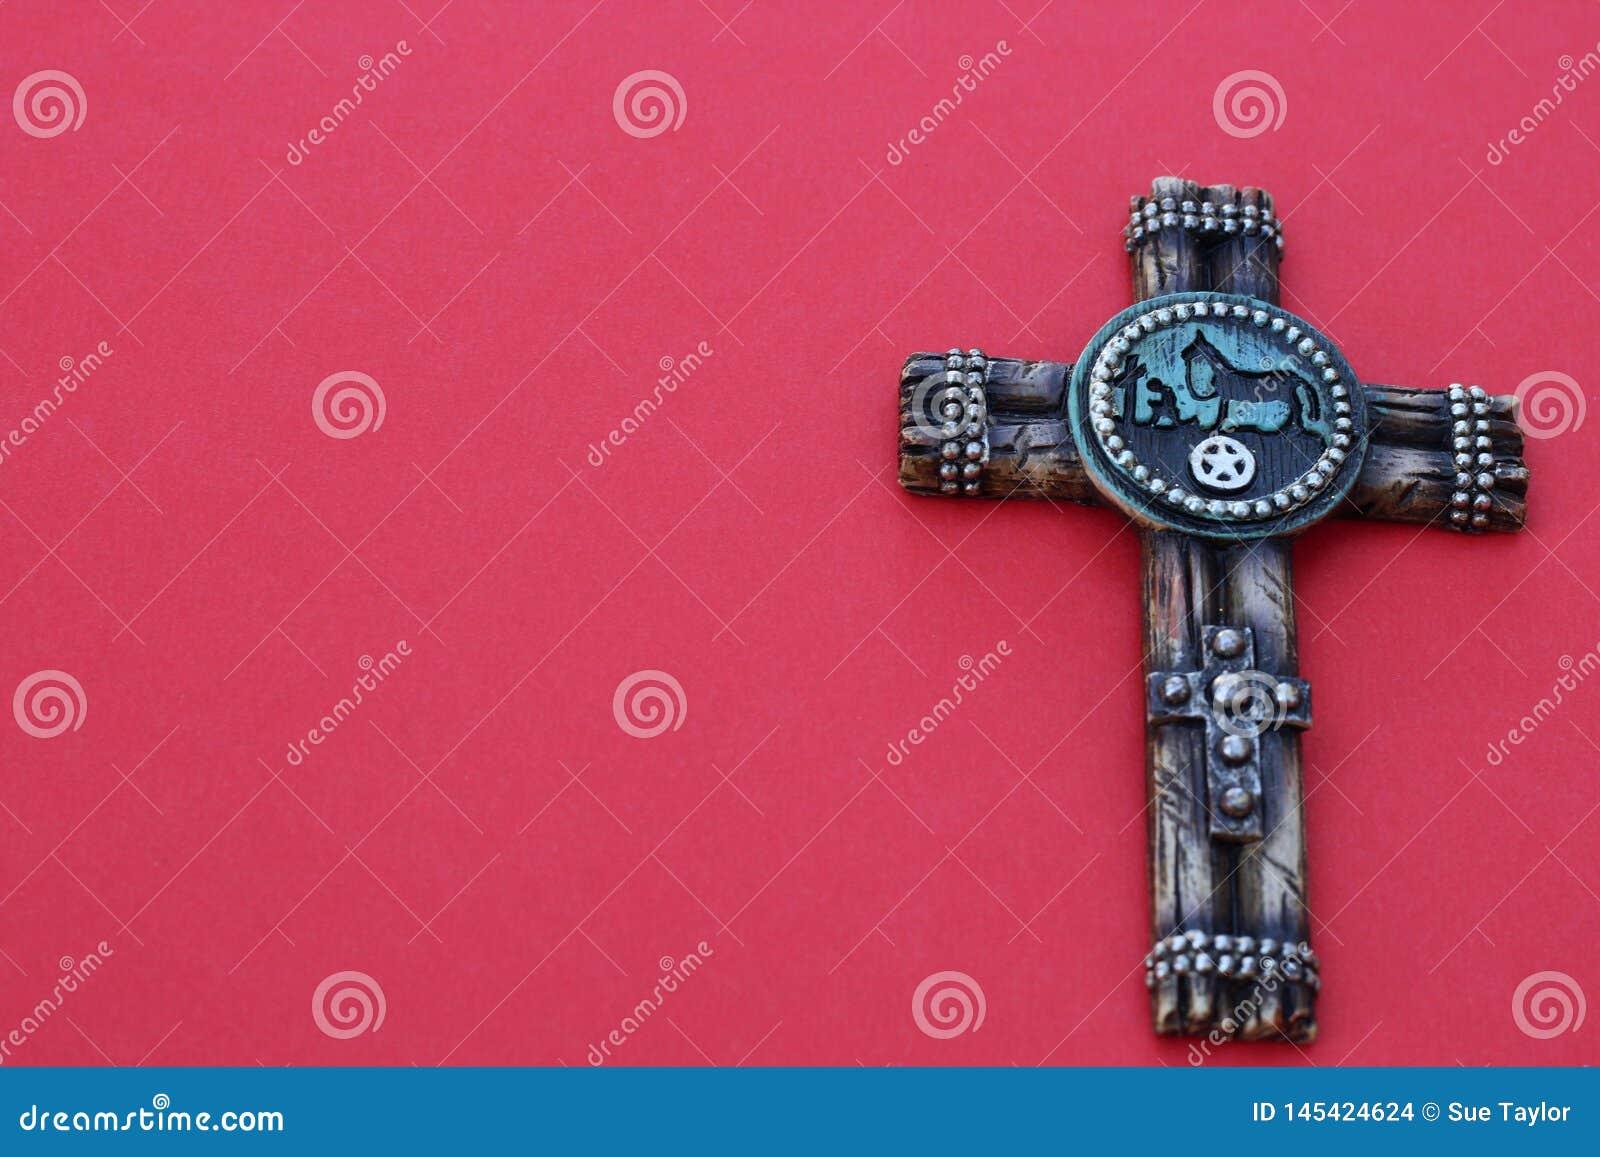 Kreuz auf einem roten Hintergrund